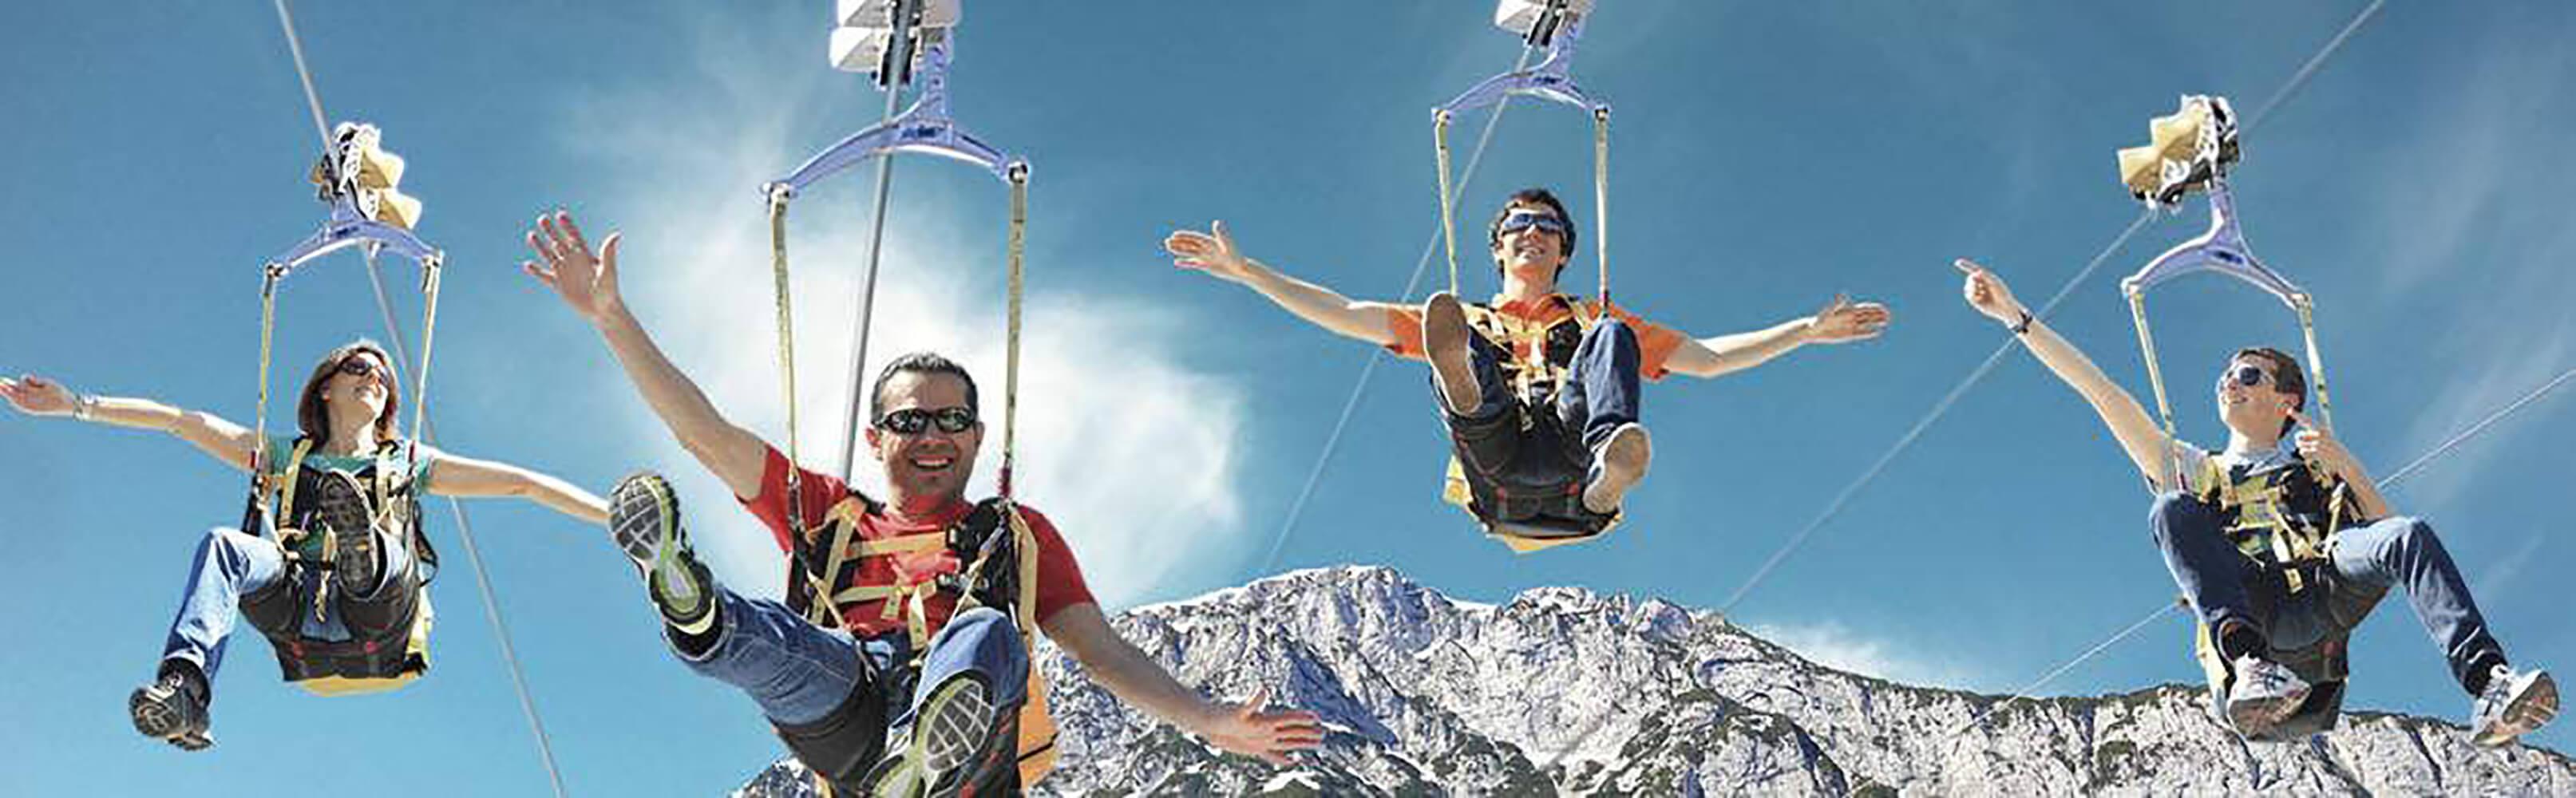 Zipline Stoderzinken in Gröbming - Fliegen wie ein Vogel 1